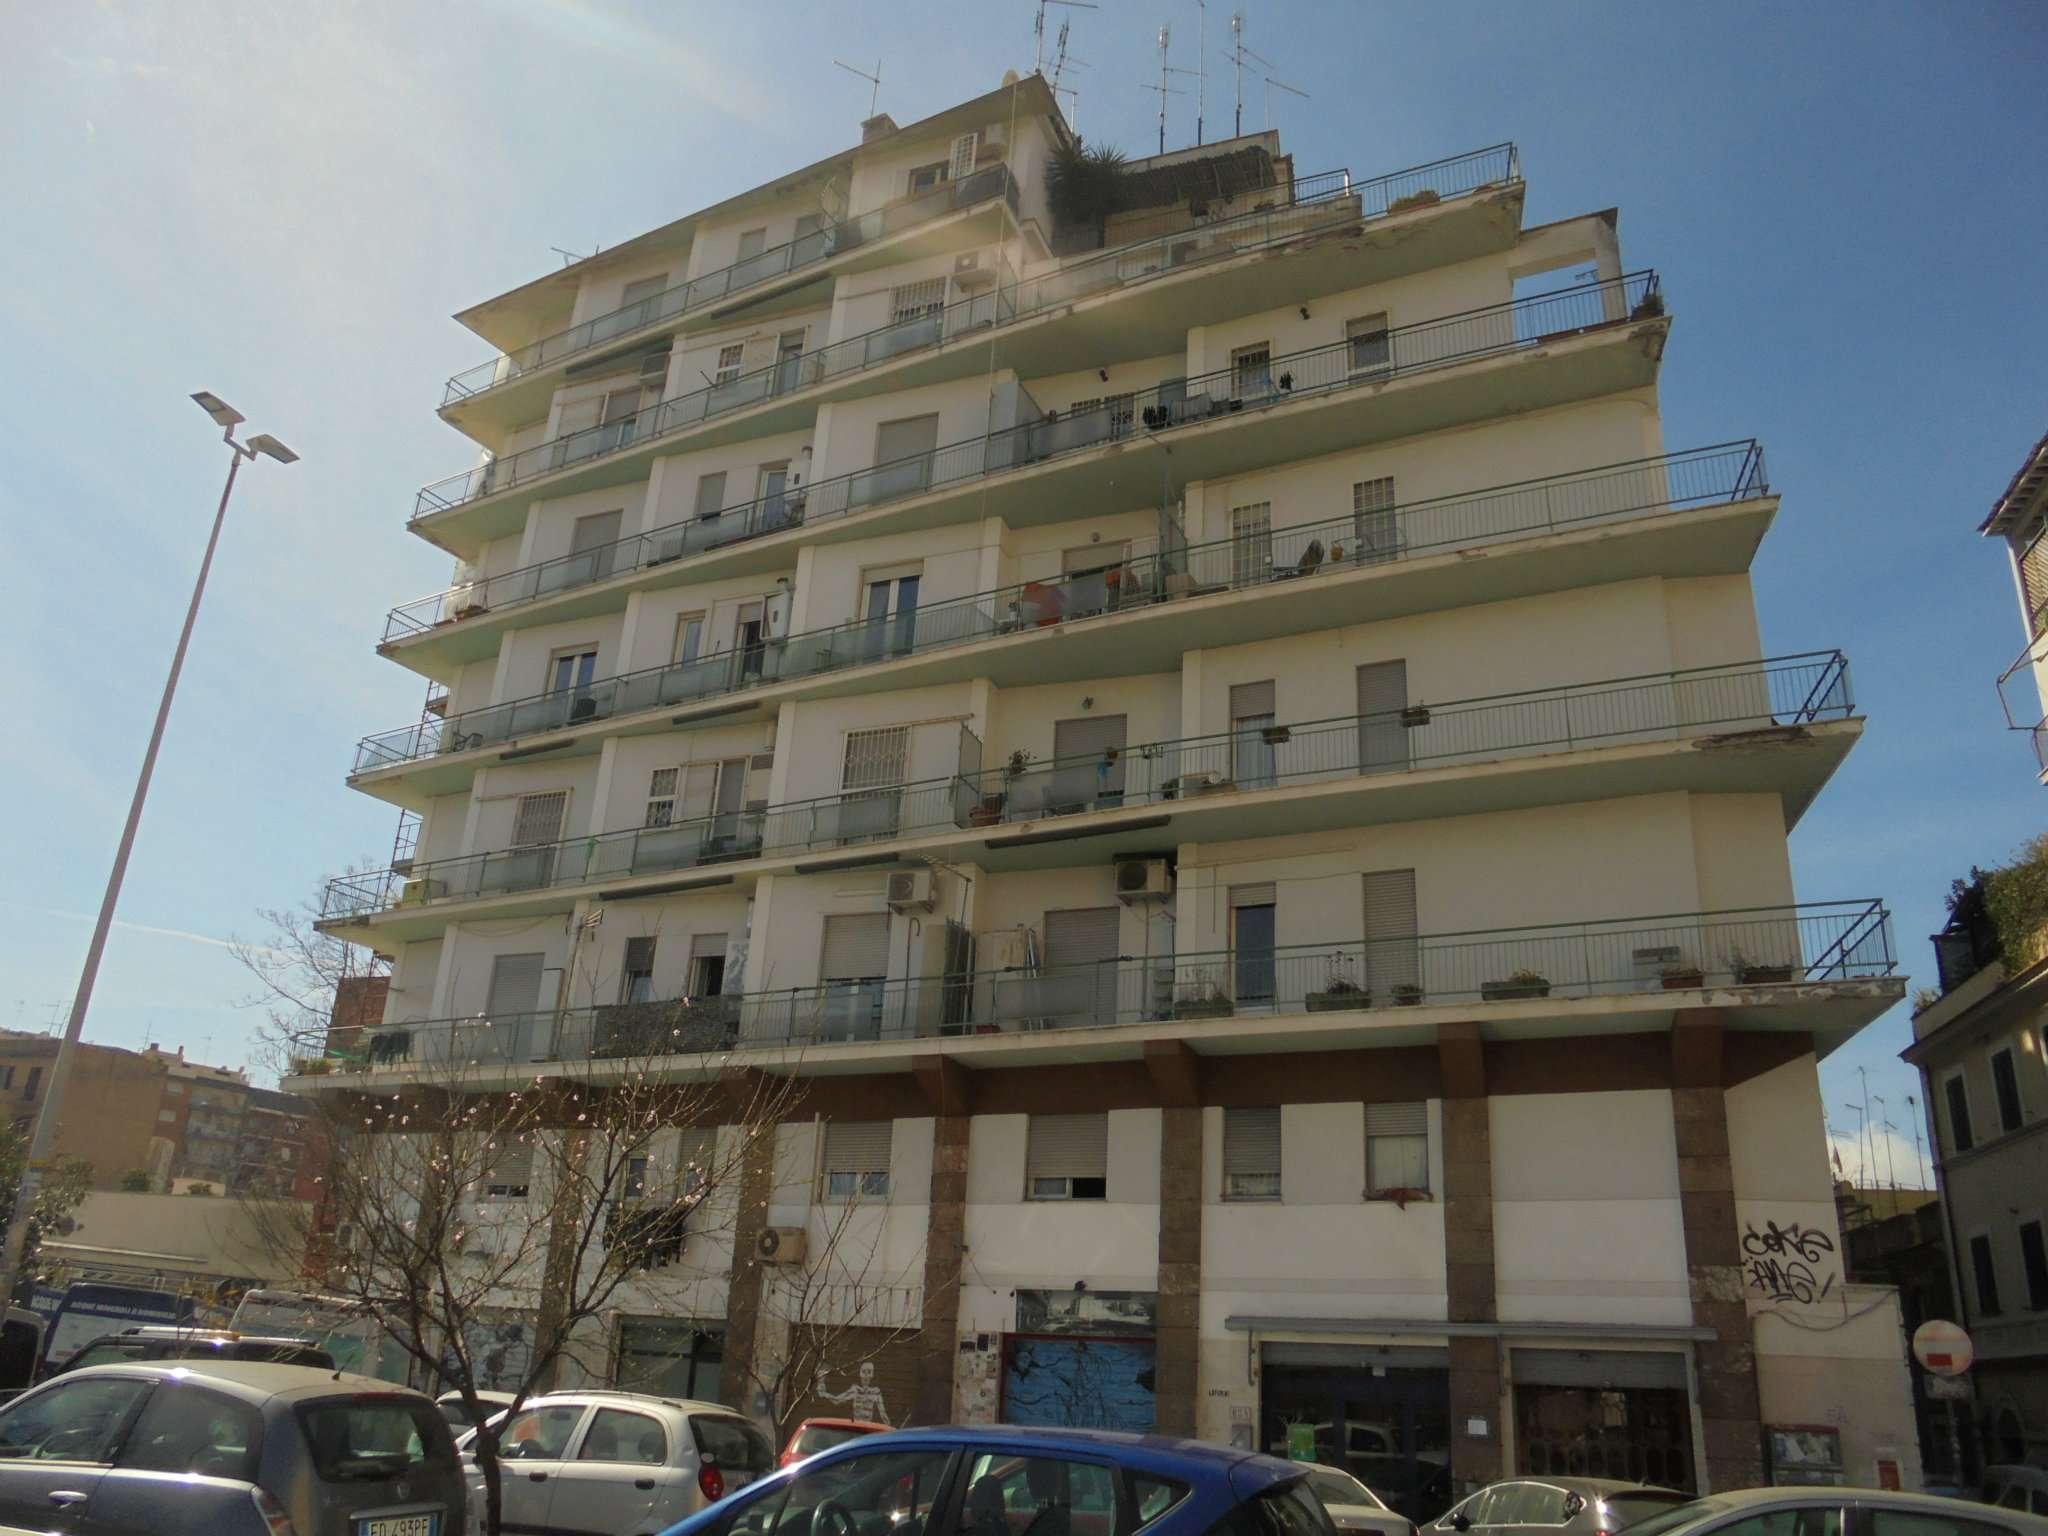 Appartamento in vendita a Roma, 4 locali, zona Zona: 10 . Pigneto, Largo Preneste, prezzo € 330.000 | CambioCasa.it